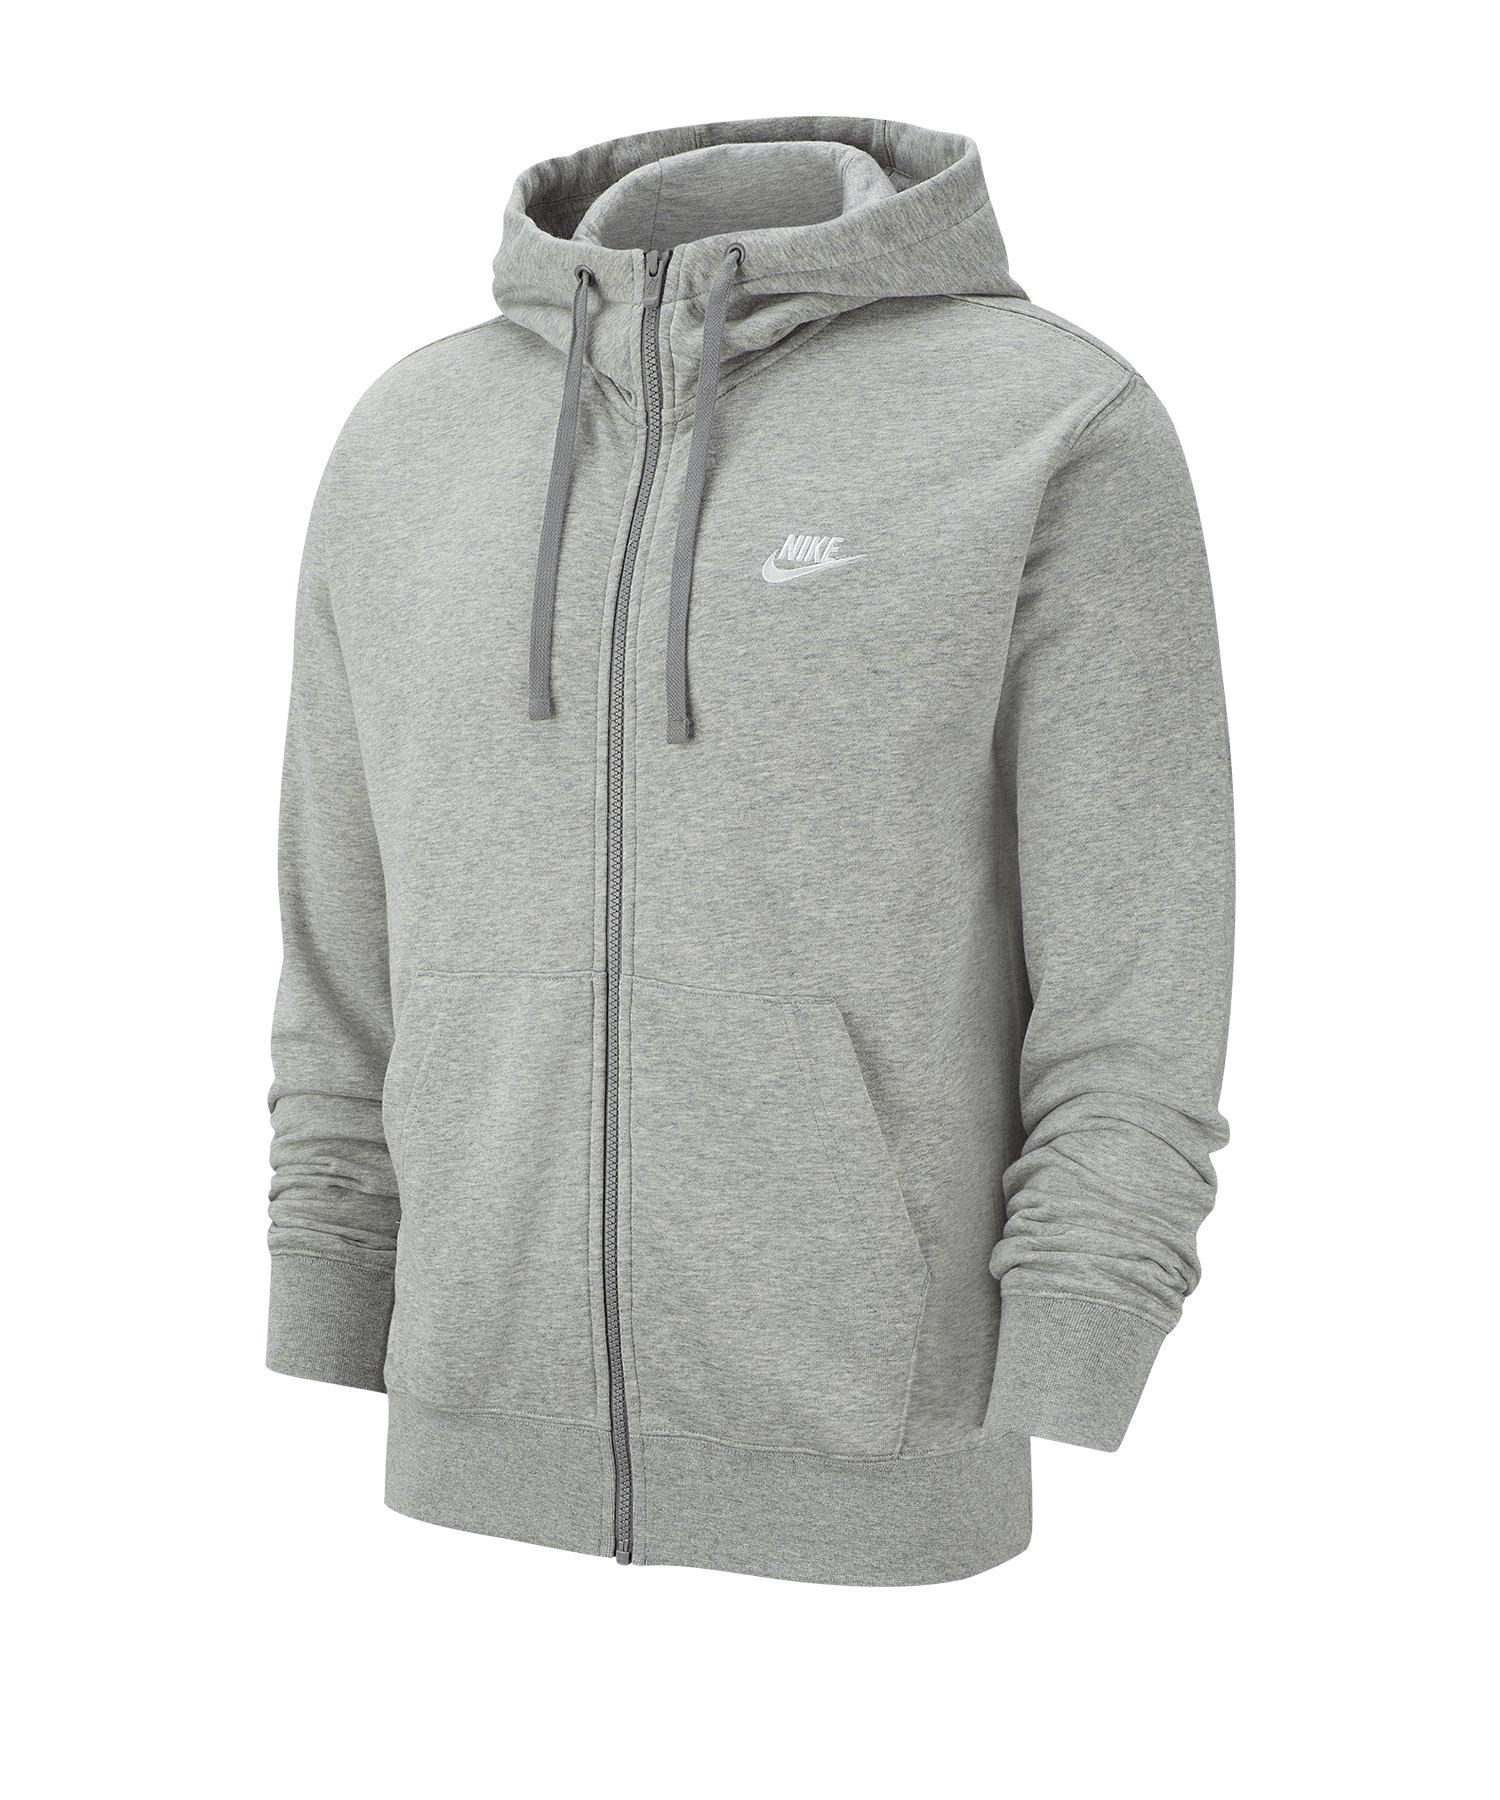 Nike Club Kapuzenjacke Grau Weiss F063 - grau